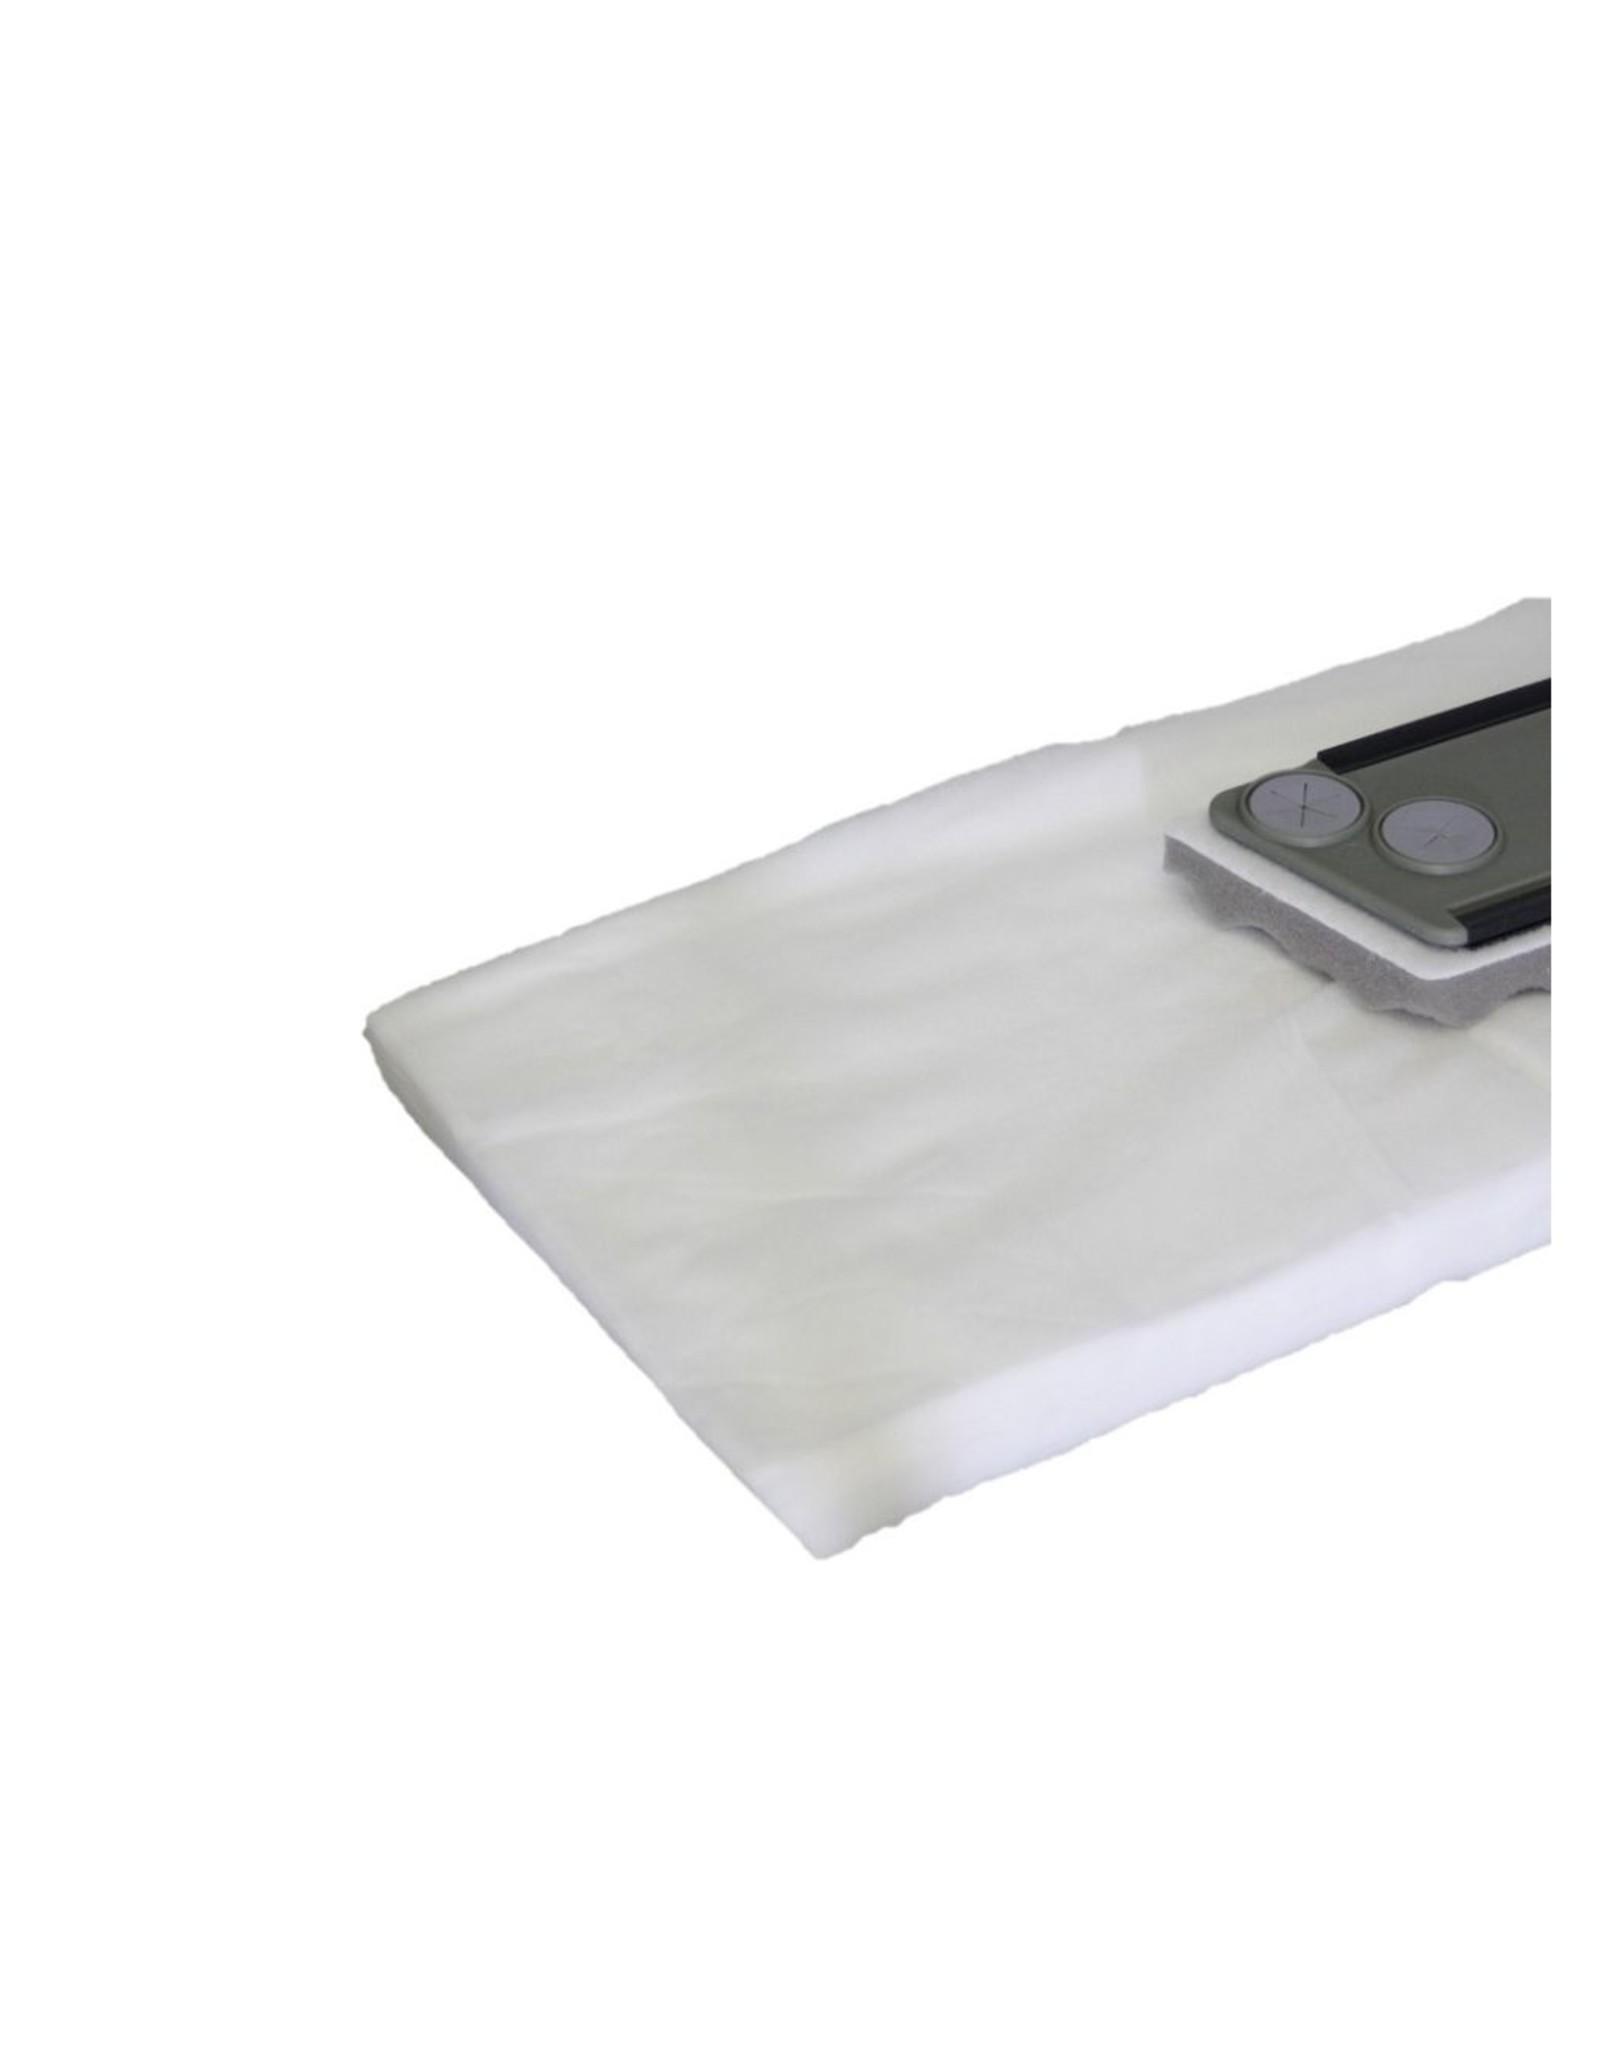 Acor Stofwisdoek geïmpregneerd wit 5x100 stuks